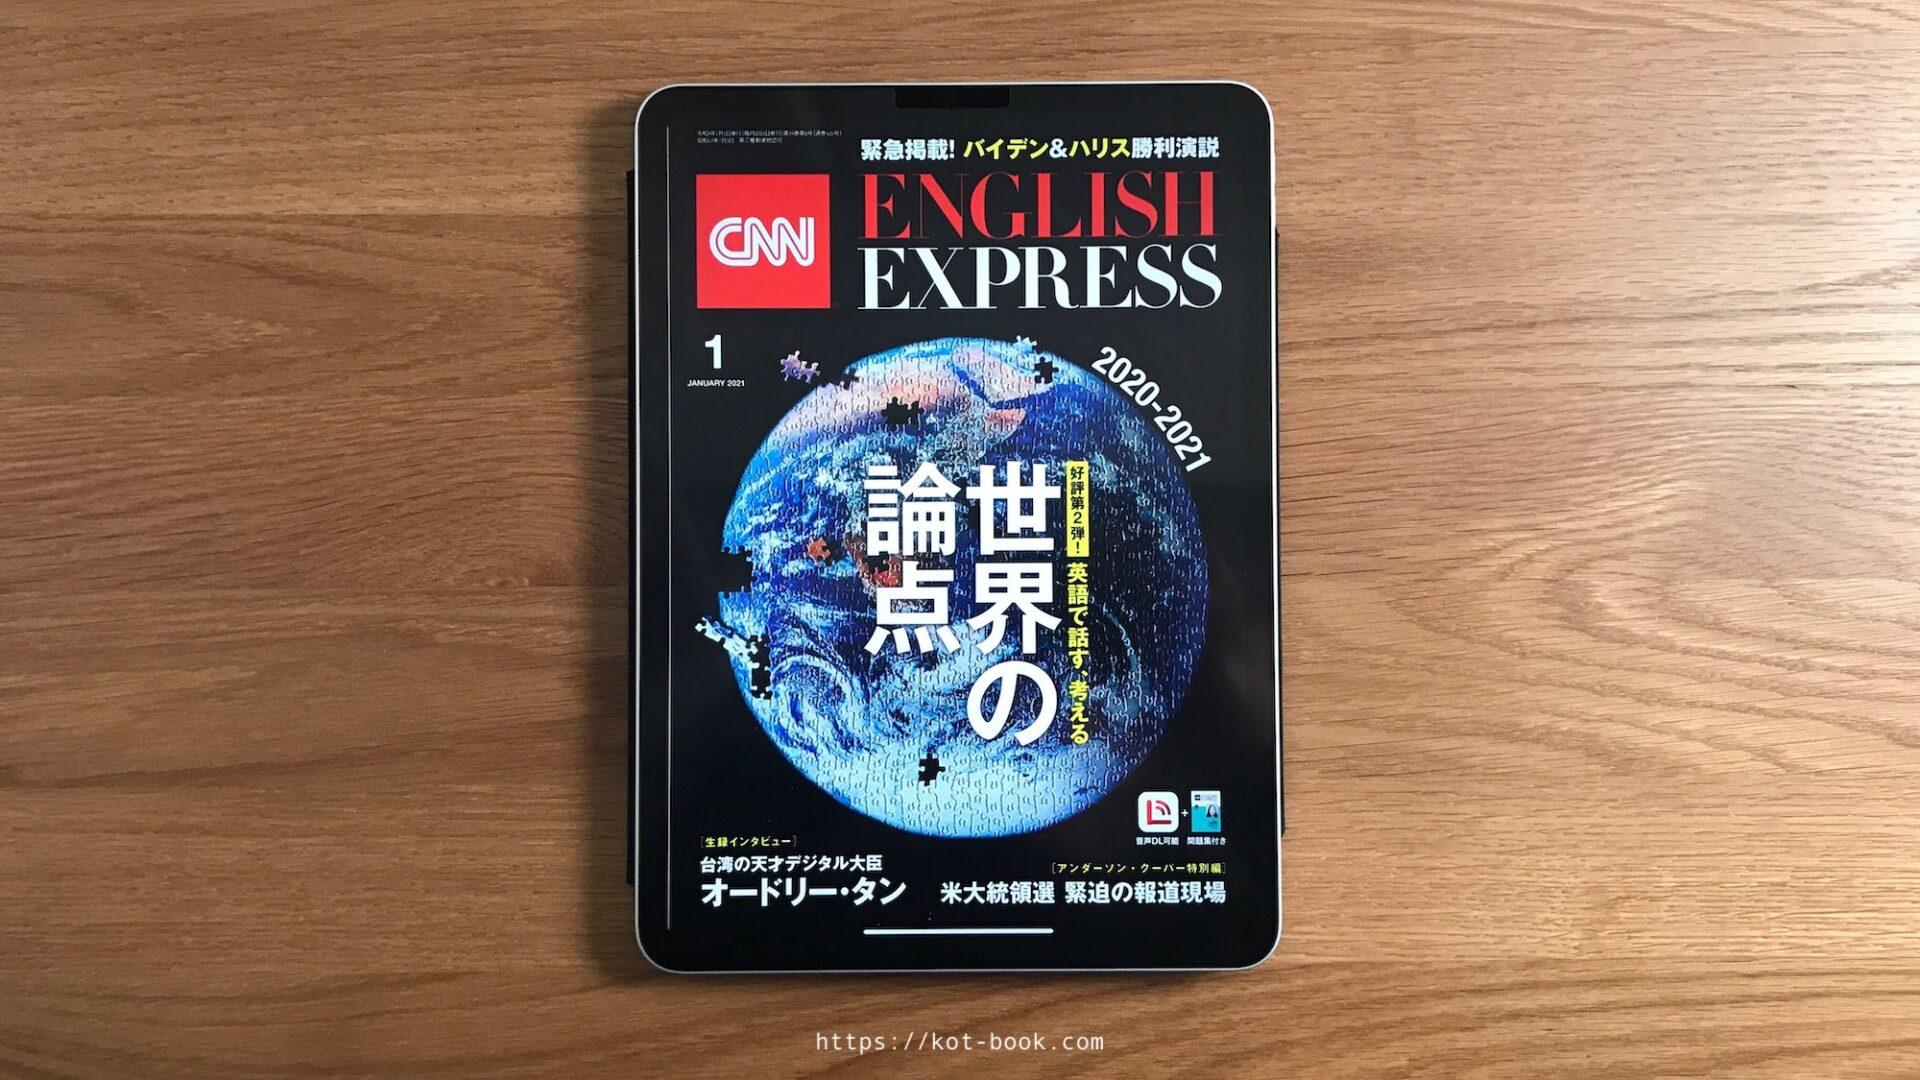 CNN English Express で英語学習を始めてみたら、勉強が劇的に楽しくなった【使い方&おすすめポイント】